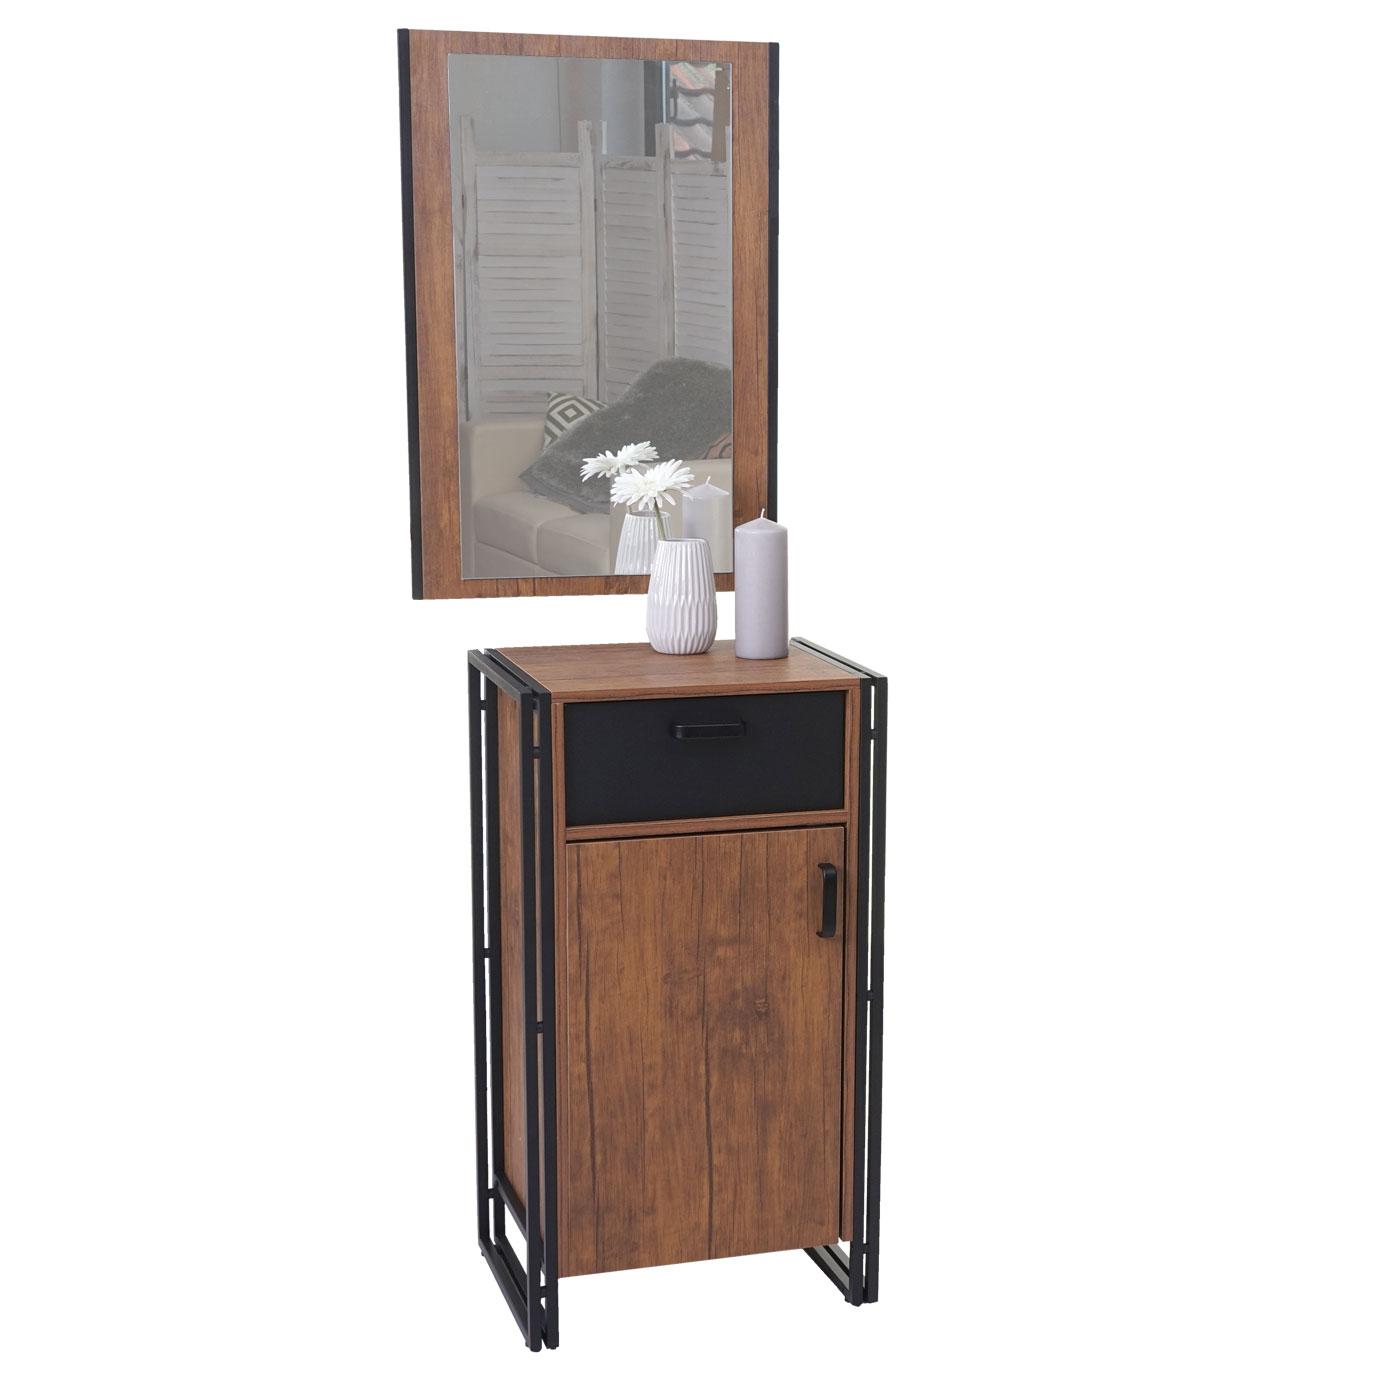 kommode mit spiegel hwc wildeiche optik. Black Bedroom Furniture Sets. Home Design Ideas